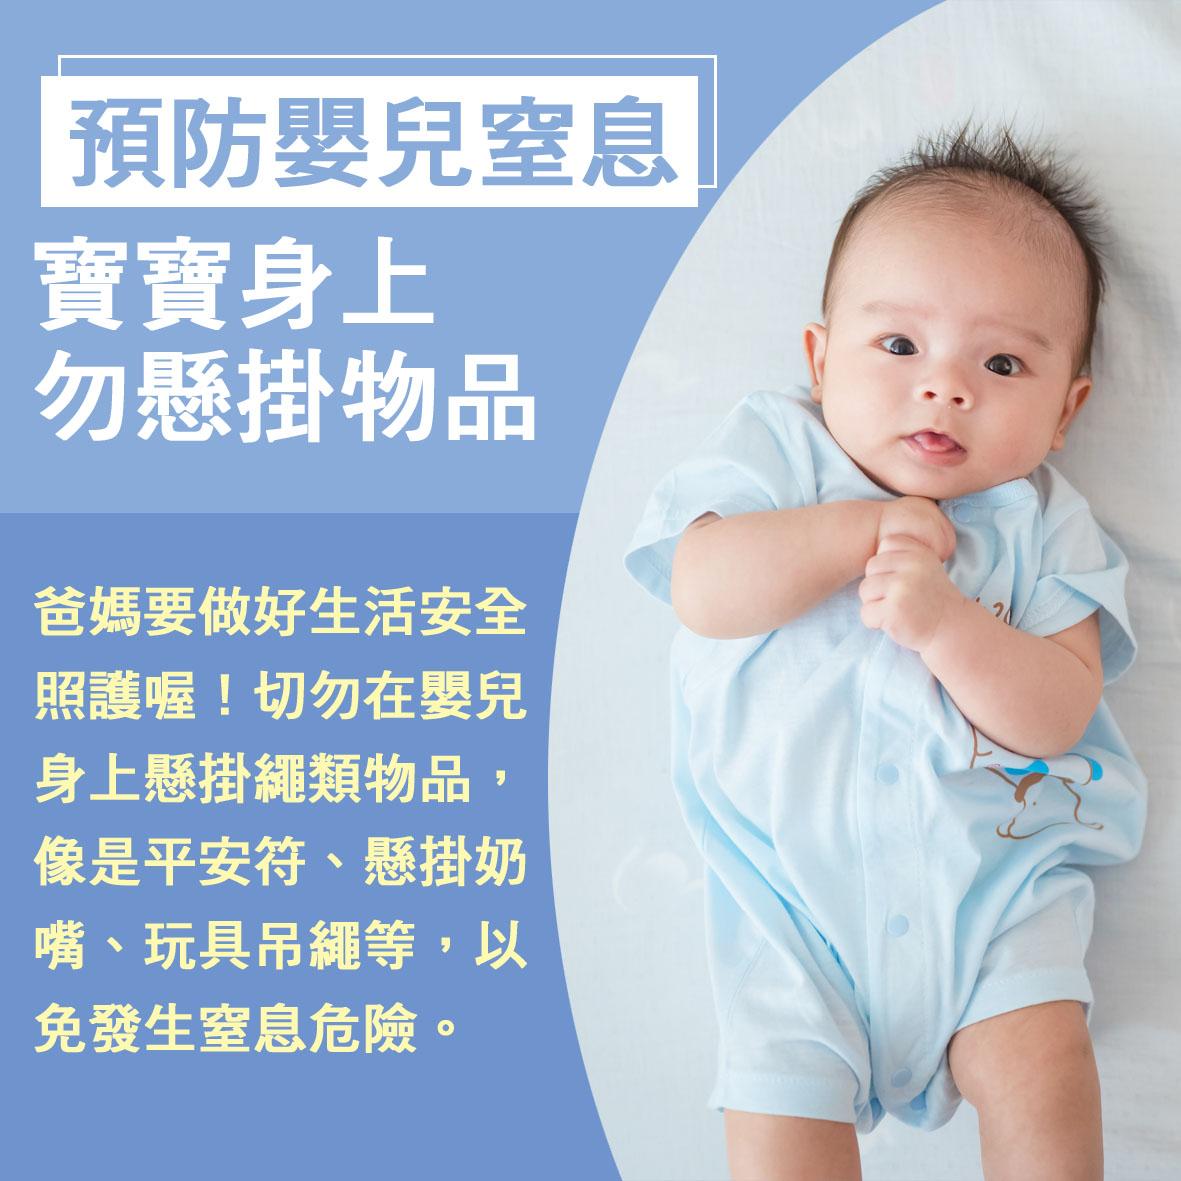 寶寶篇第11週-預防嬰兒窒息 寶寶身上勿懸掛物品